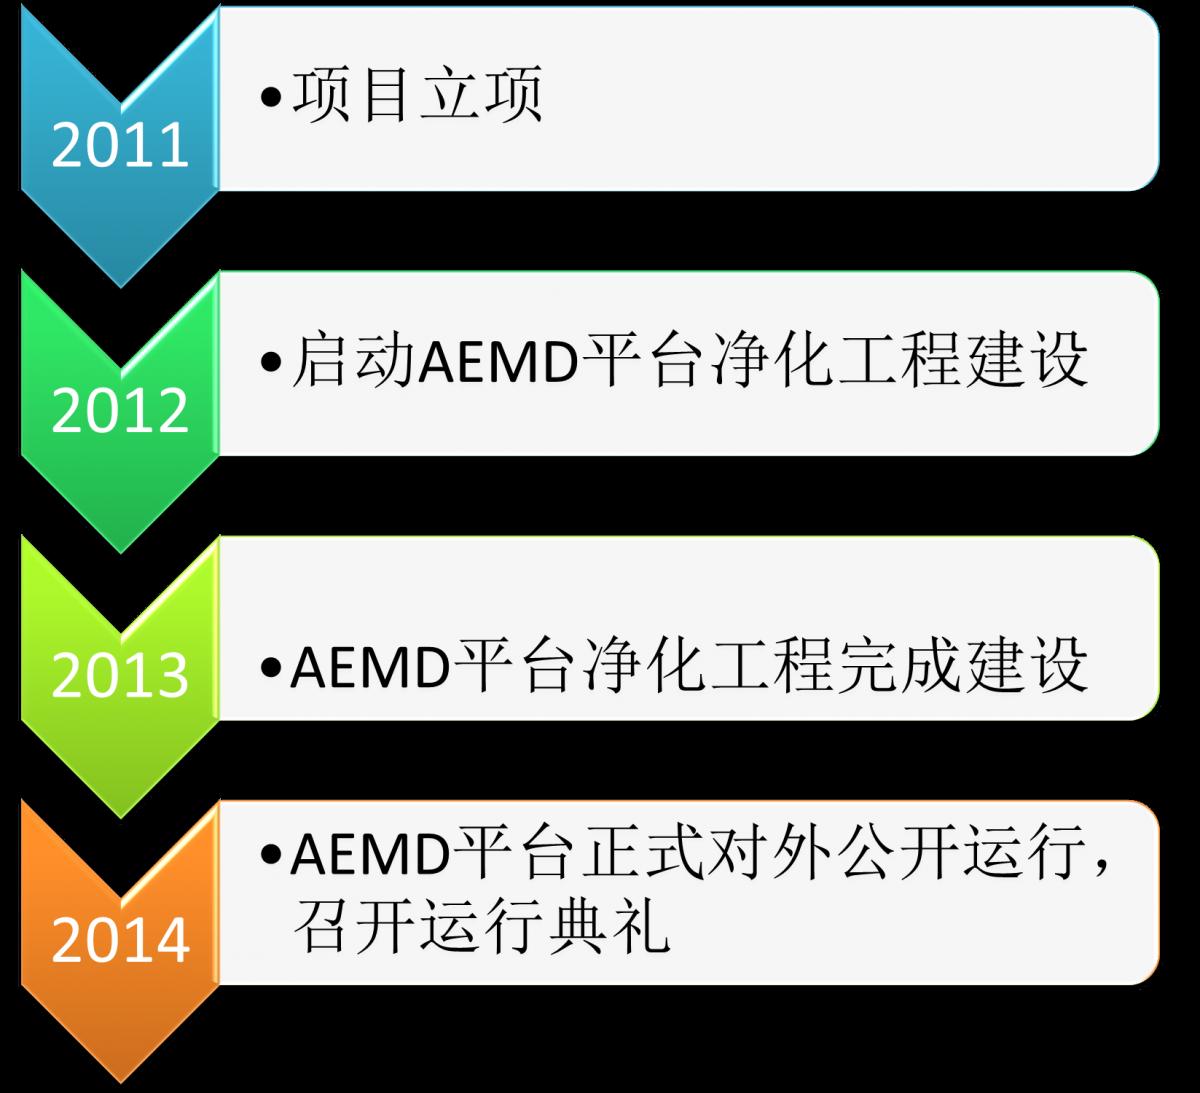 AEMDevents